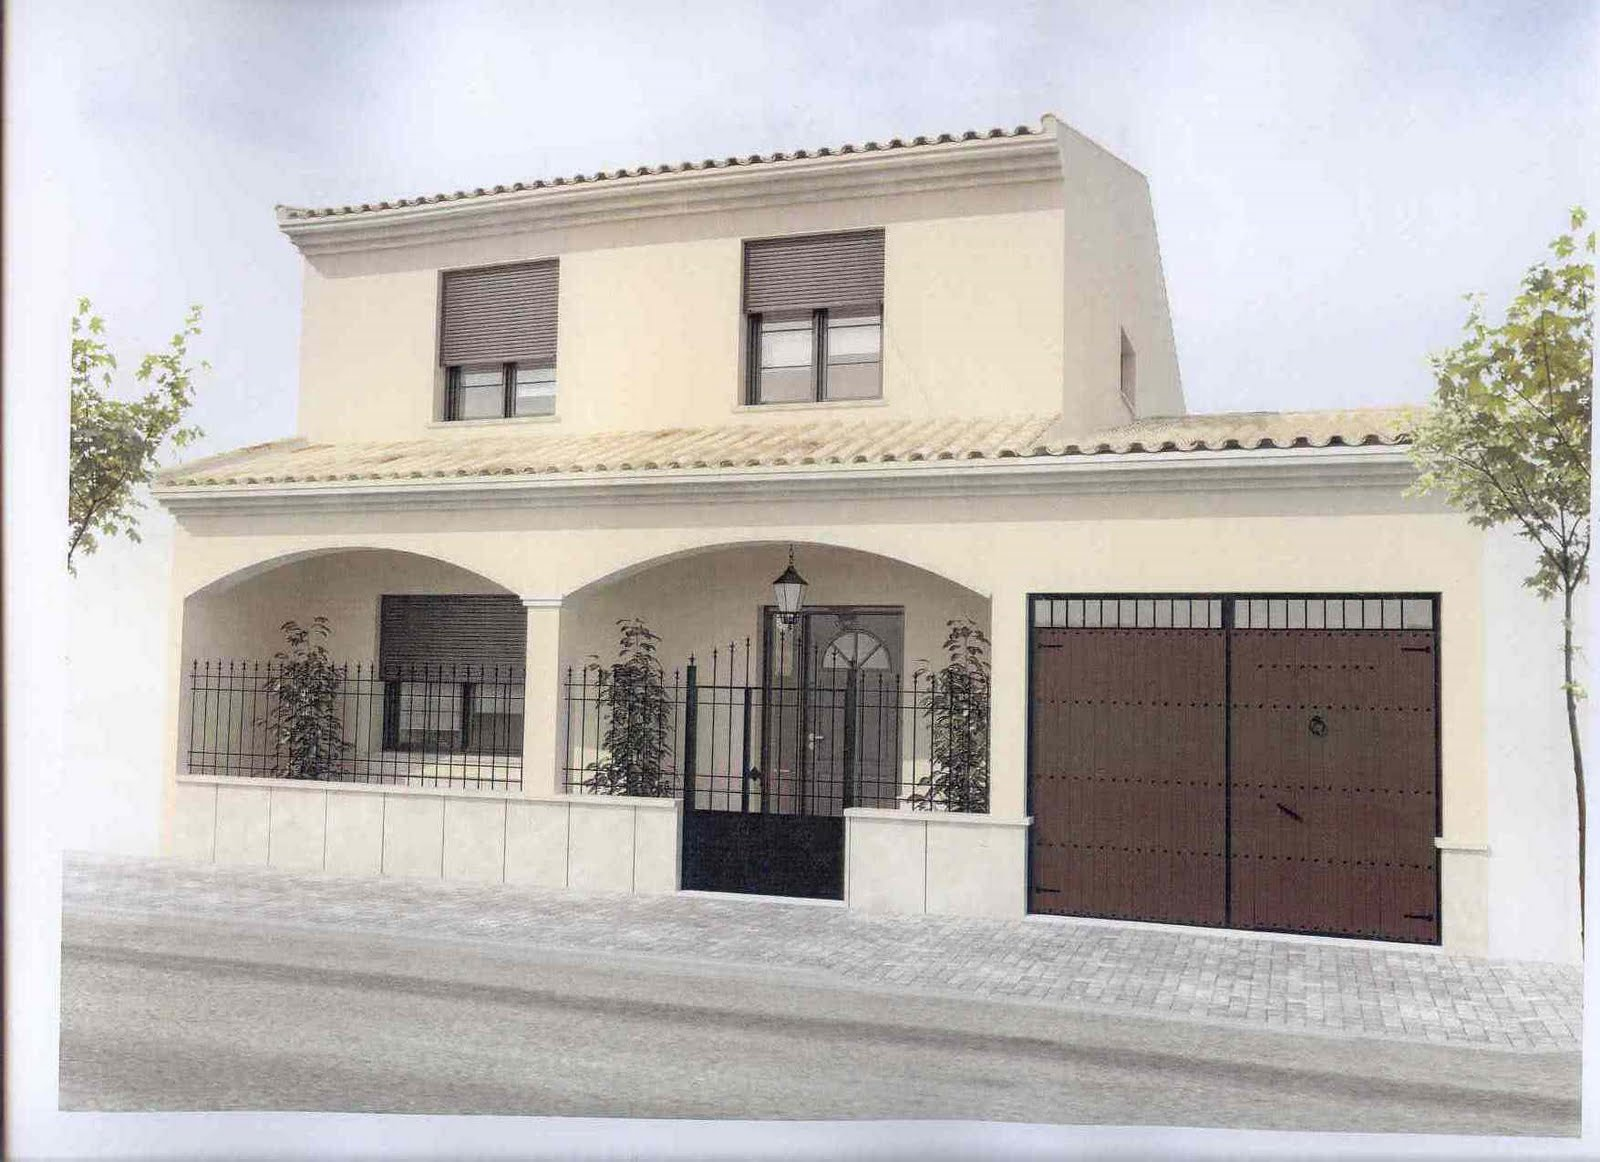 Materiales para fachadas exteriores de casas los for Materiales para fachadas exteriores